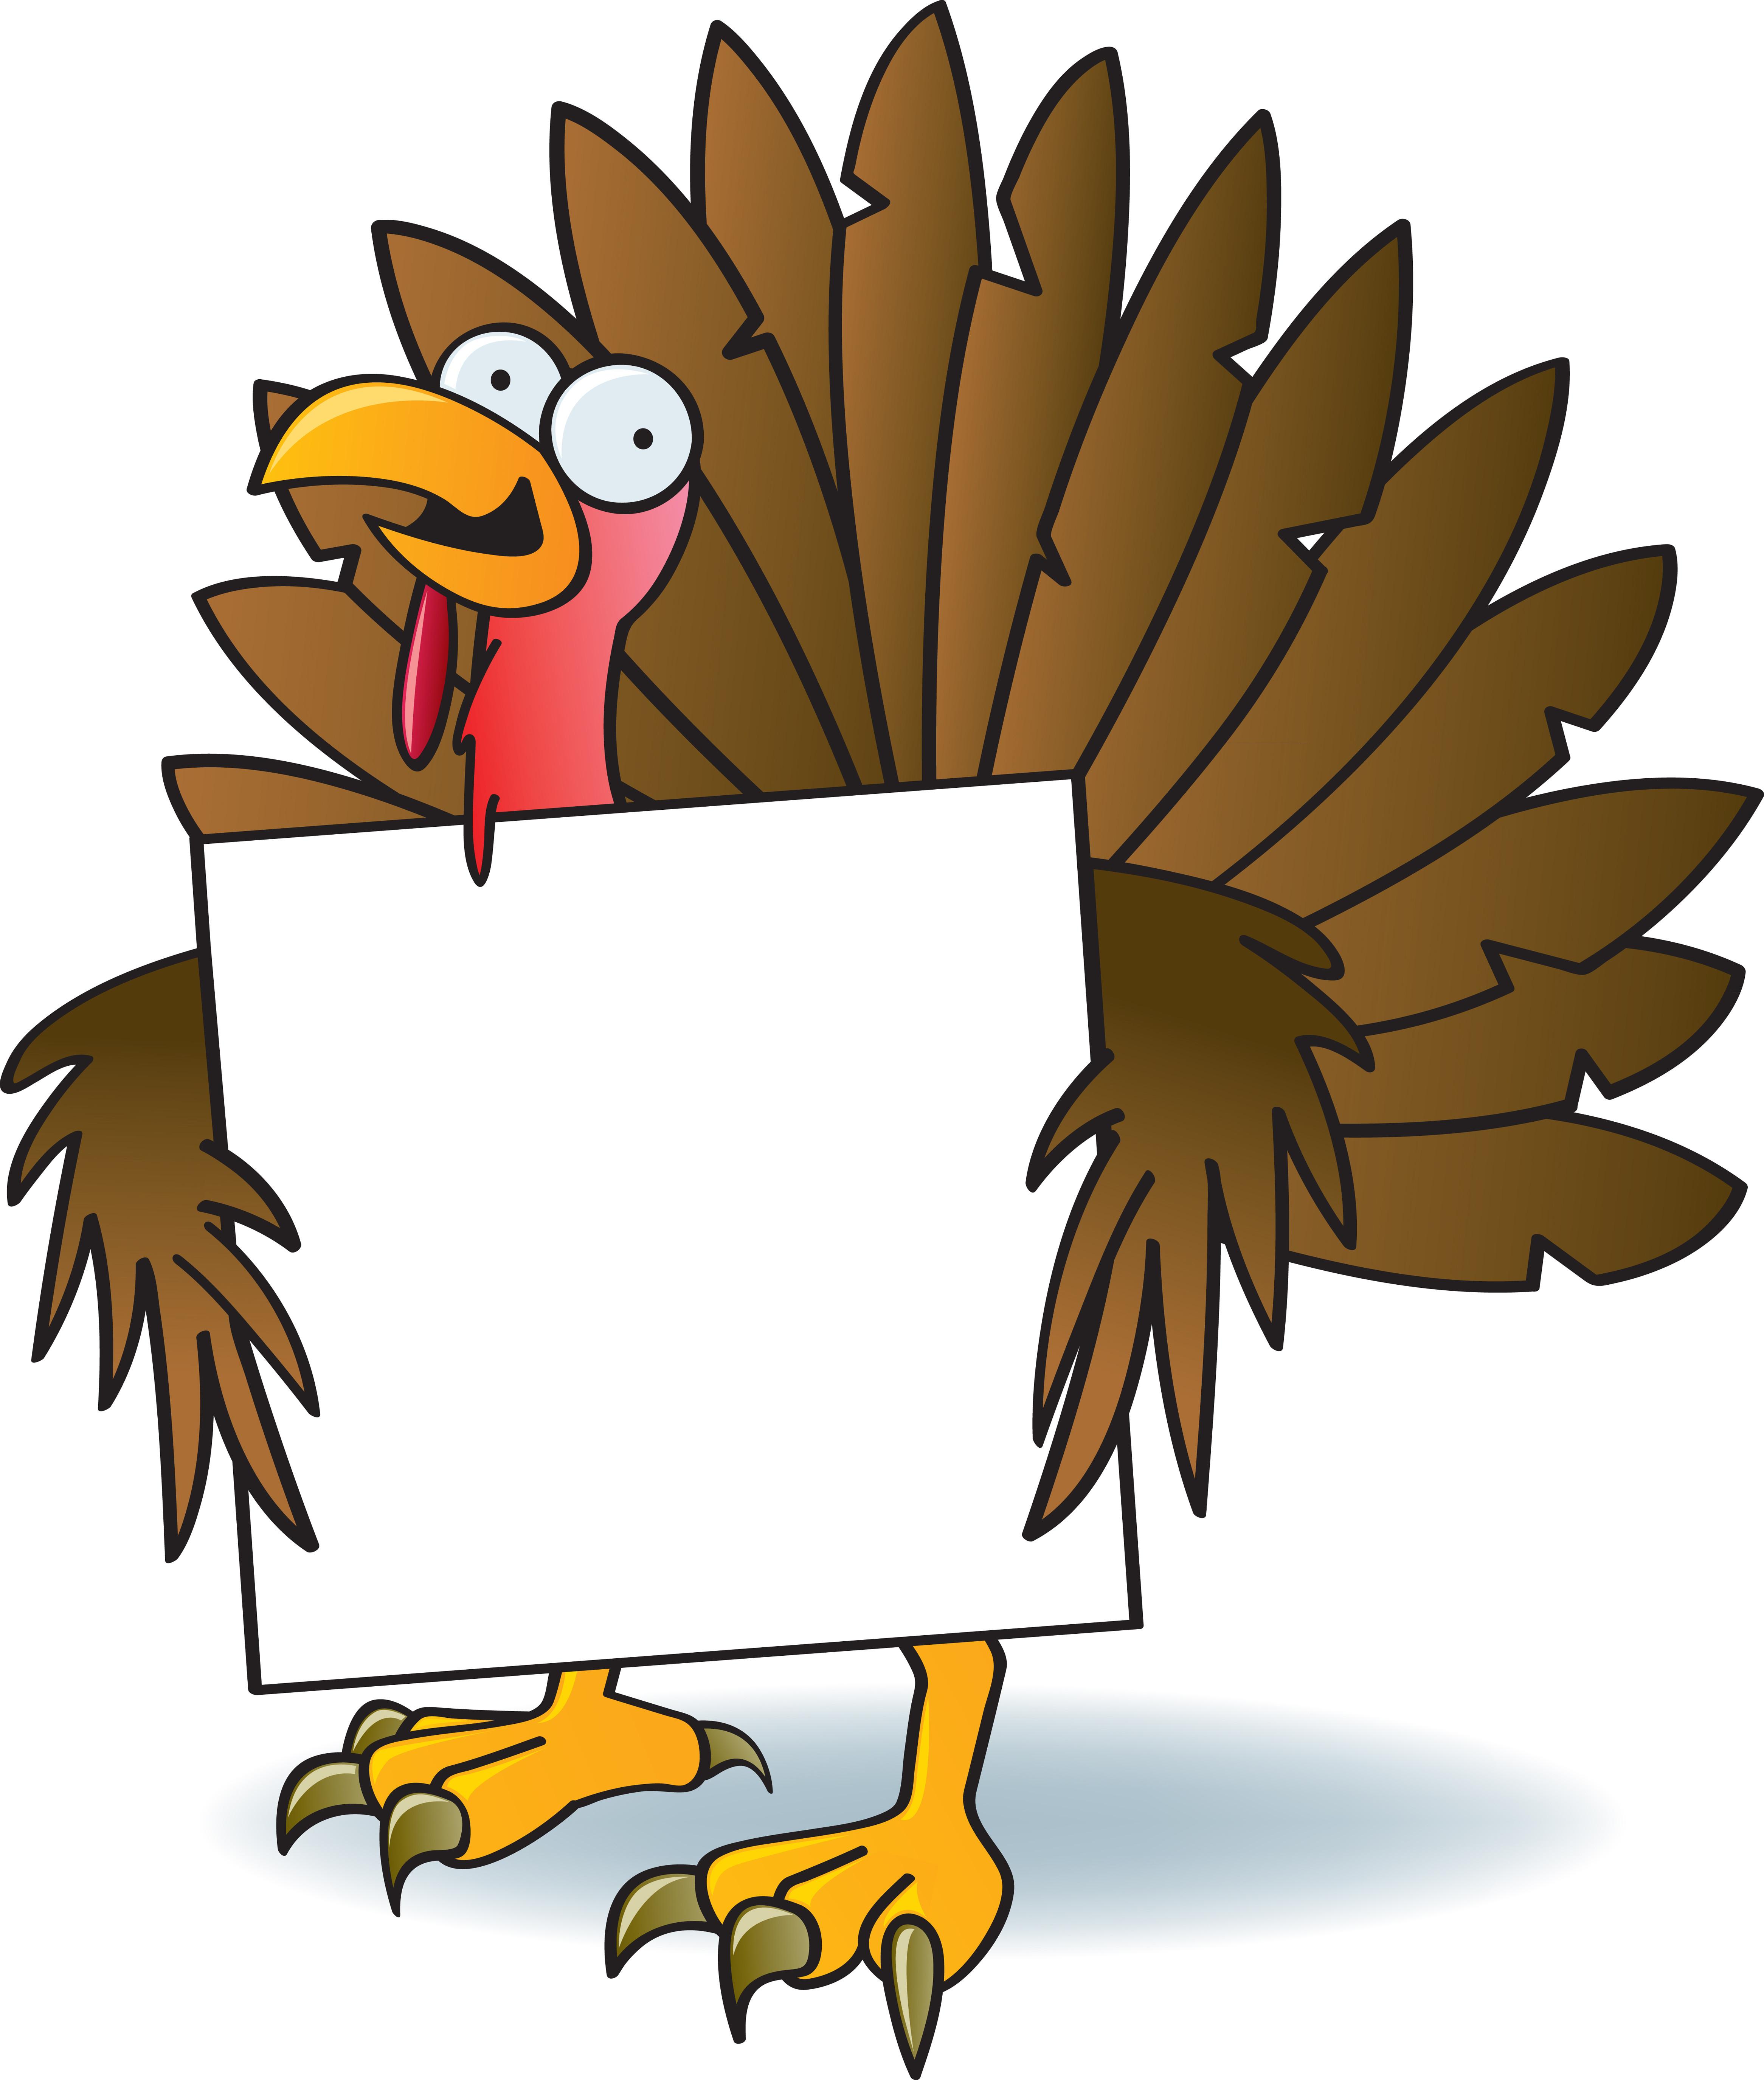 Turkey Cartoons Thanksgiving  Illustration Vector by Jamie Slavy at Coroflot